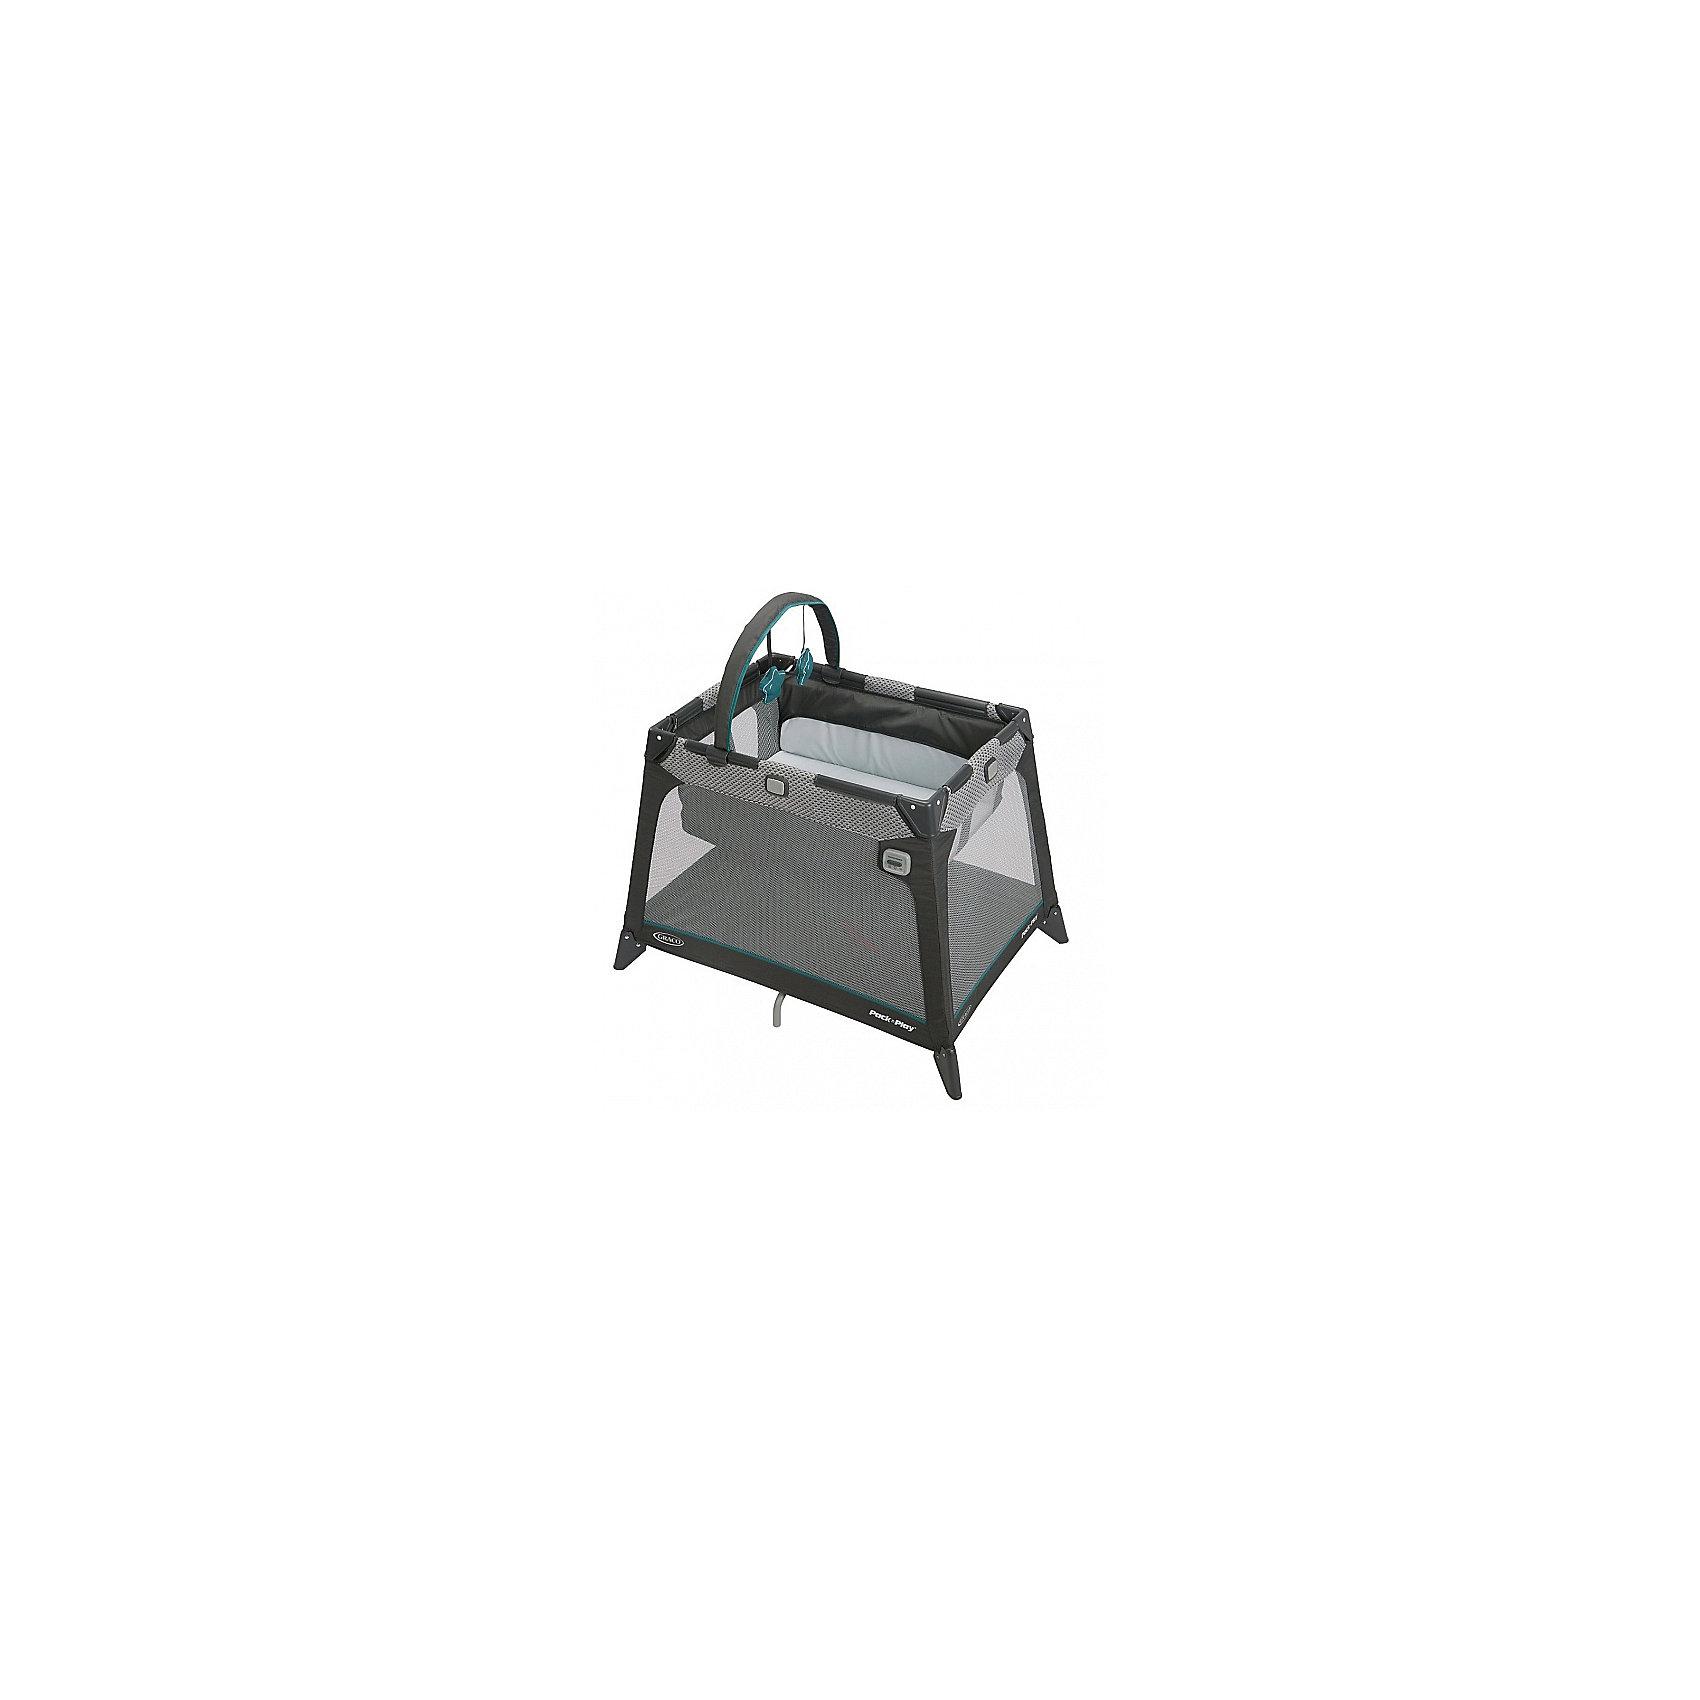 Манеж-кровать дорожная, Nimble Nook, Graco, серый с узоромМанежи-кроватки<br>Самая компактная дорожная кроватка идеально подойдет для путешествий с малышом. Компактная конструкция, трапециевидная форма и легкие материалы делают эту кроватку мобильной и практичной.<br>Матрасик с жёстким дном легко трансформируется при необходимости как в дно манежа так и обратно в спальное место.<br>Удобный механизм складывания в компактный куб. Весь манеж-кроватка упаковывается в небольшой удобный чехольчик/мешок.<br>Люлька удобно снимается и легко крепится. Встроенная успокаивающая электровибрация люльки позволит бысто убаюкать малыша. <br>А воздушная сетка по бокам обеспечивает хорошую вентиляцию.<br><br>Ширина мм: 980<br>Глубина мм: 680<br>Высота мм: 980<br>Вес г: 9200<br>Возраст от месяцев: 0<br>Возраст до месяцев: 6<br>Пол: Унисекс<br>Возраст: Детский<br>SKU: 6757368